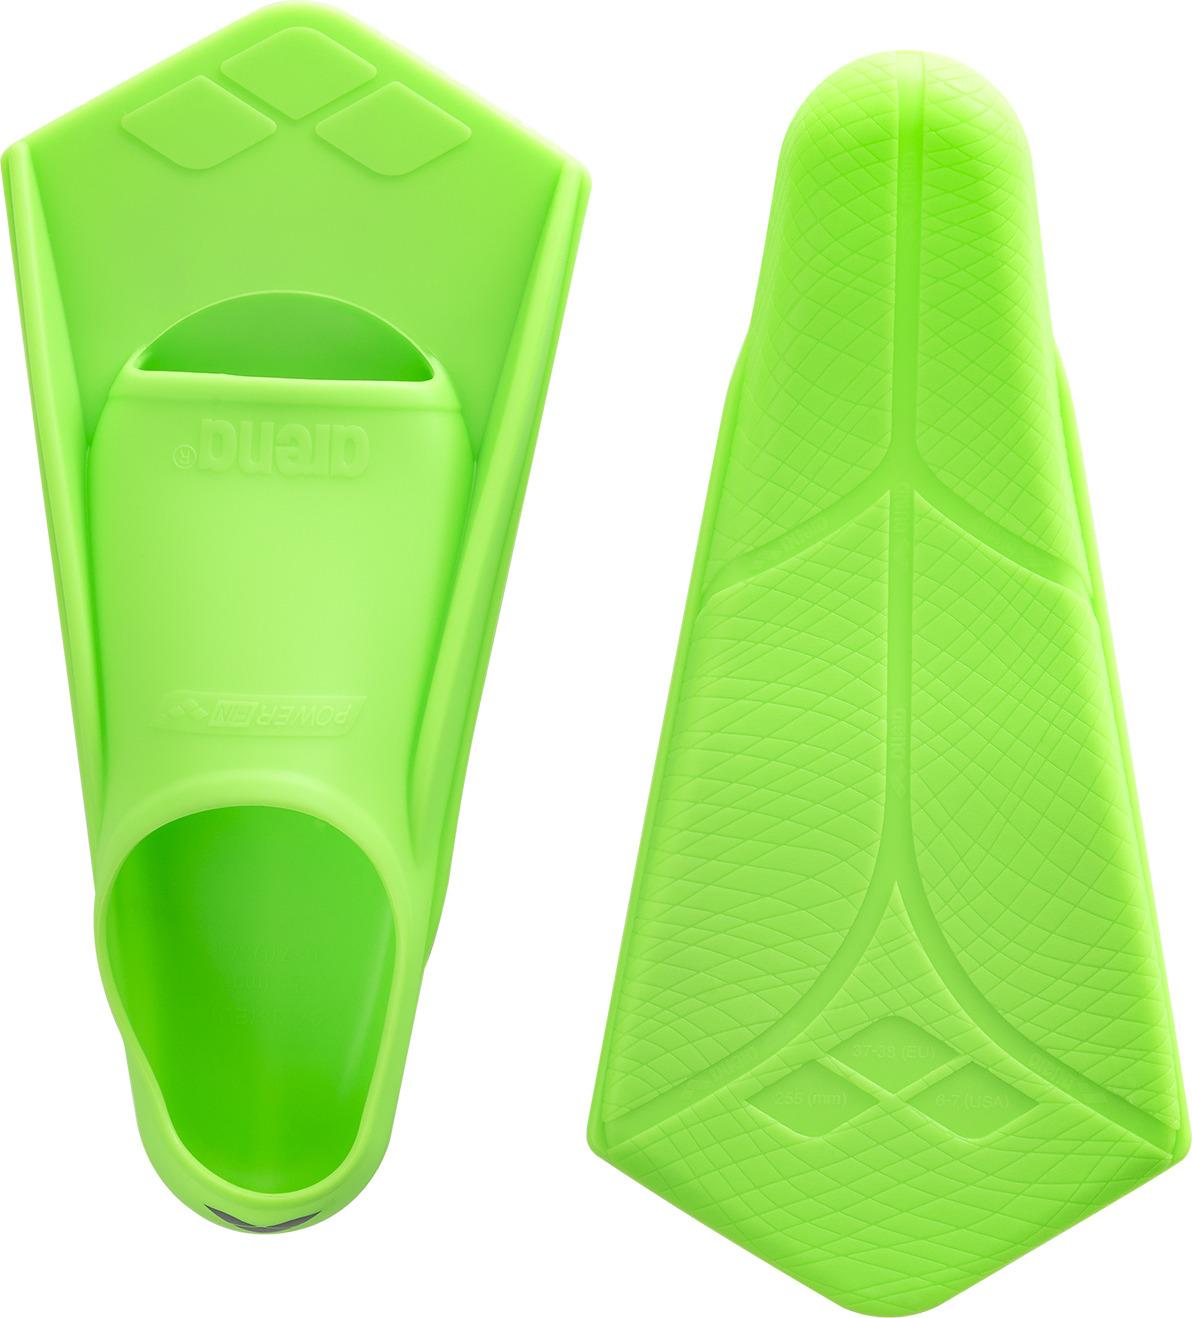 Ласты тренировочные Arena Powerfin, цвет:  зеленый.  Размер 41/42.  95218 65 Arena